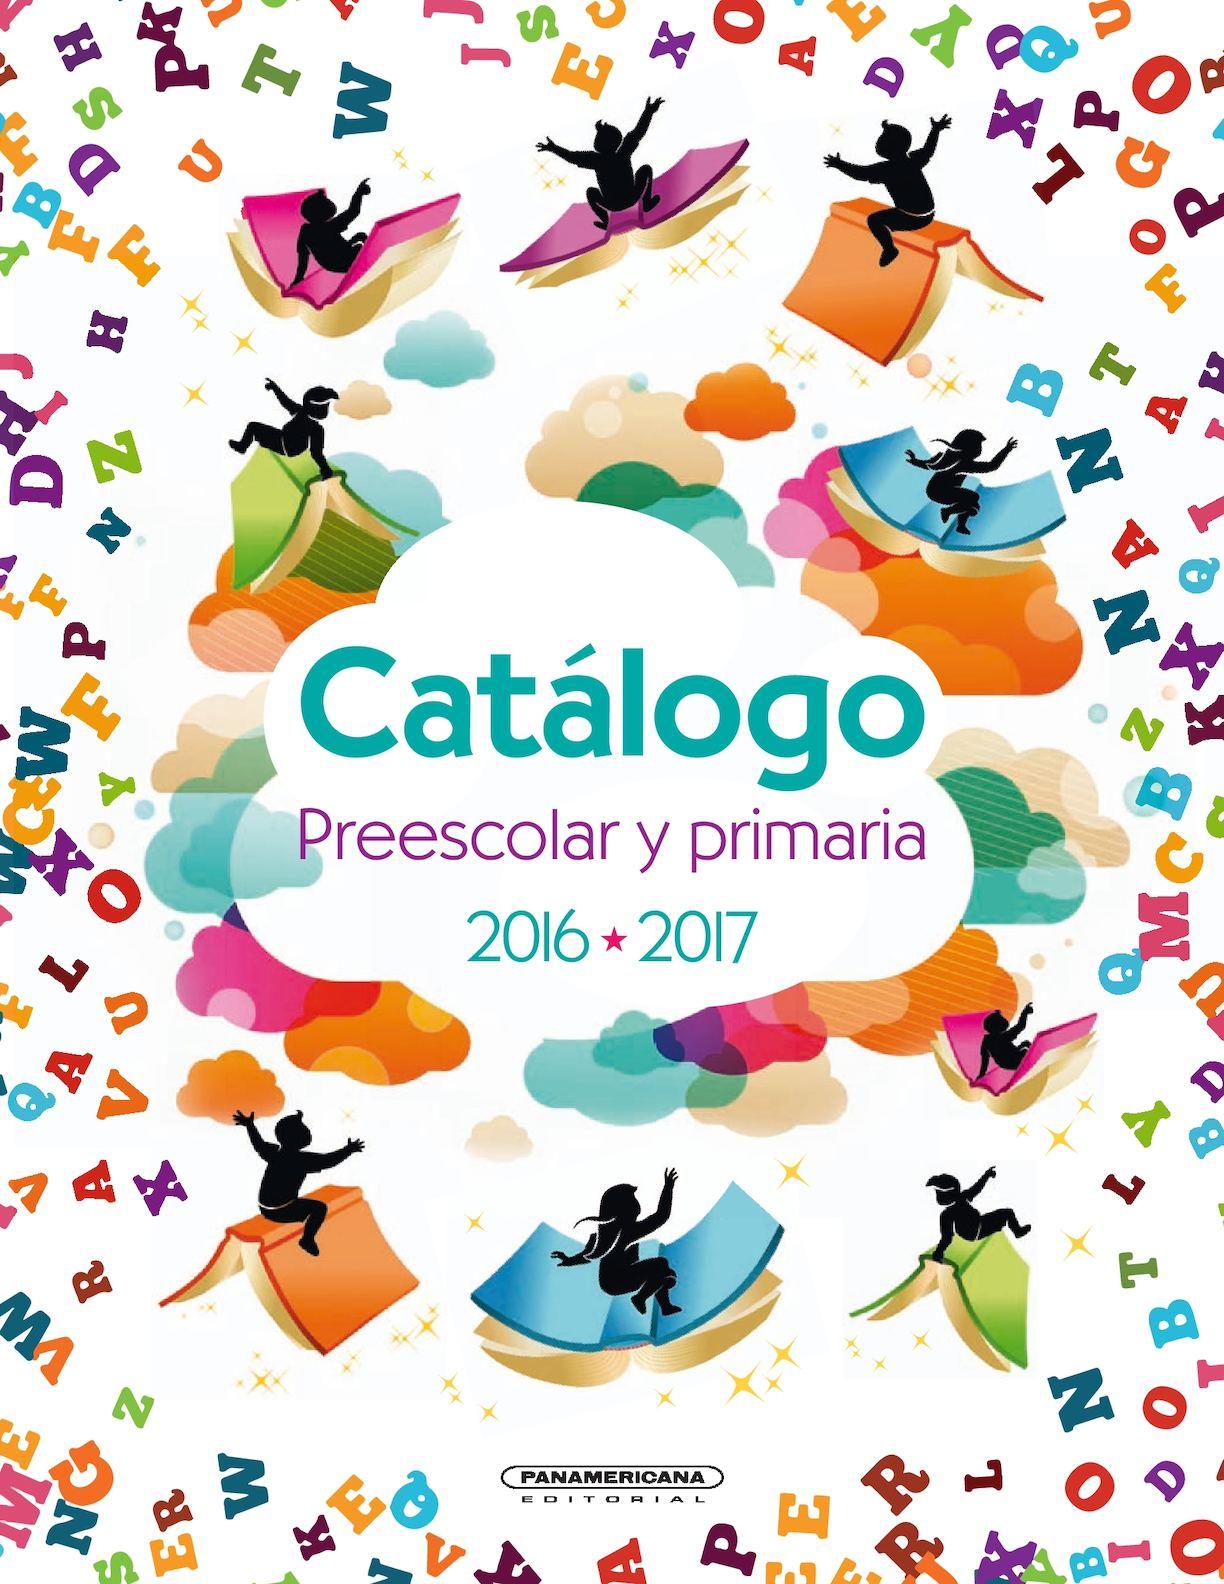 Catalogo Primaria Panamericana 2016 2017